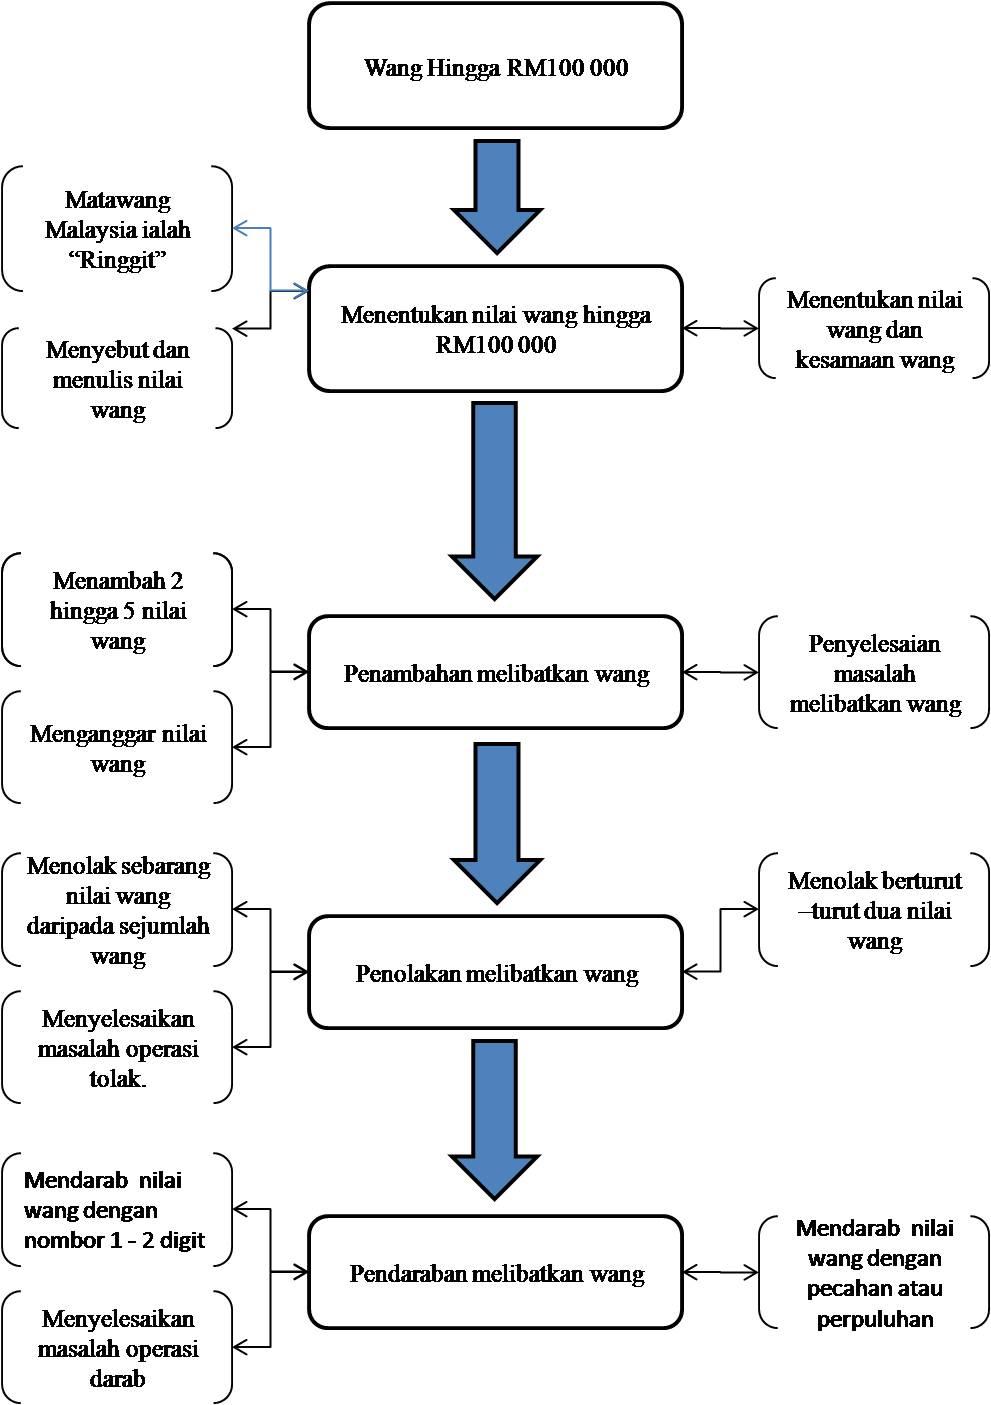 MATEMATIK: Contoh Rancangan Pengajaran (Wang)